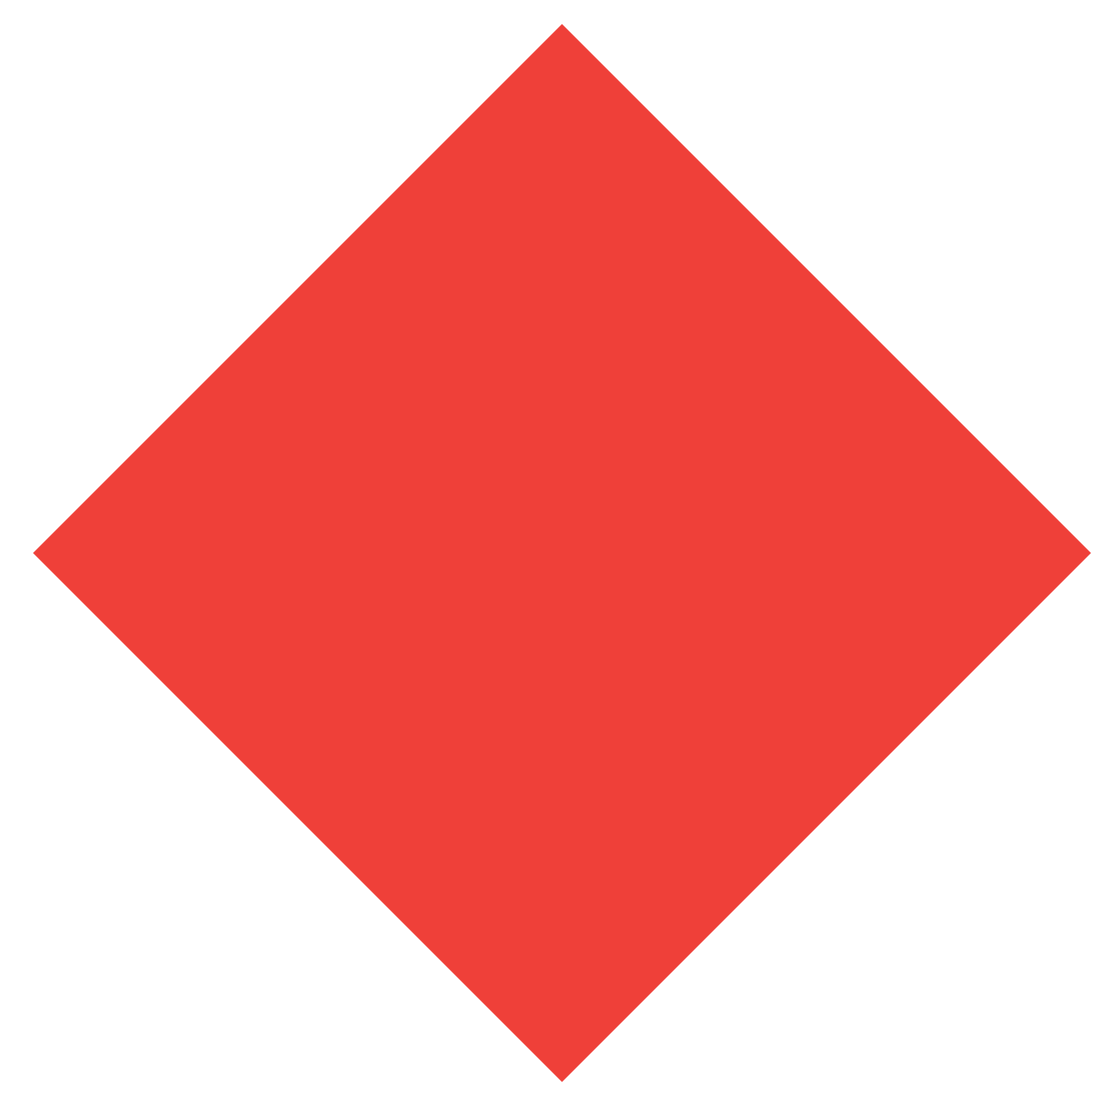 rotated-shape.jpg